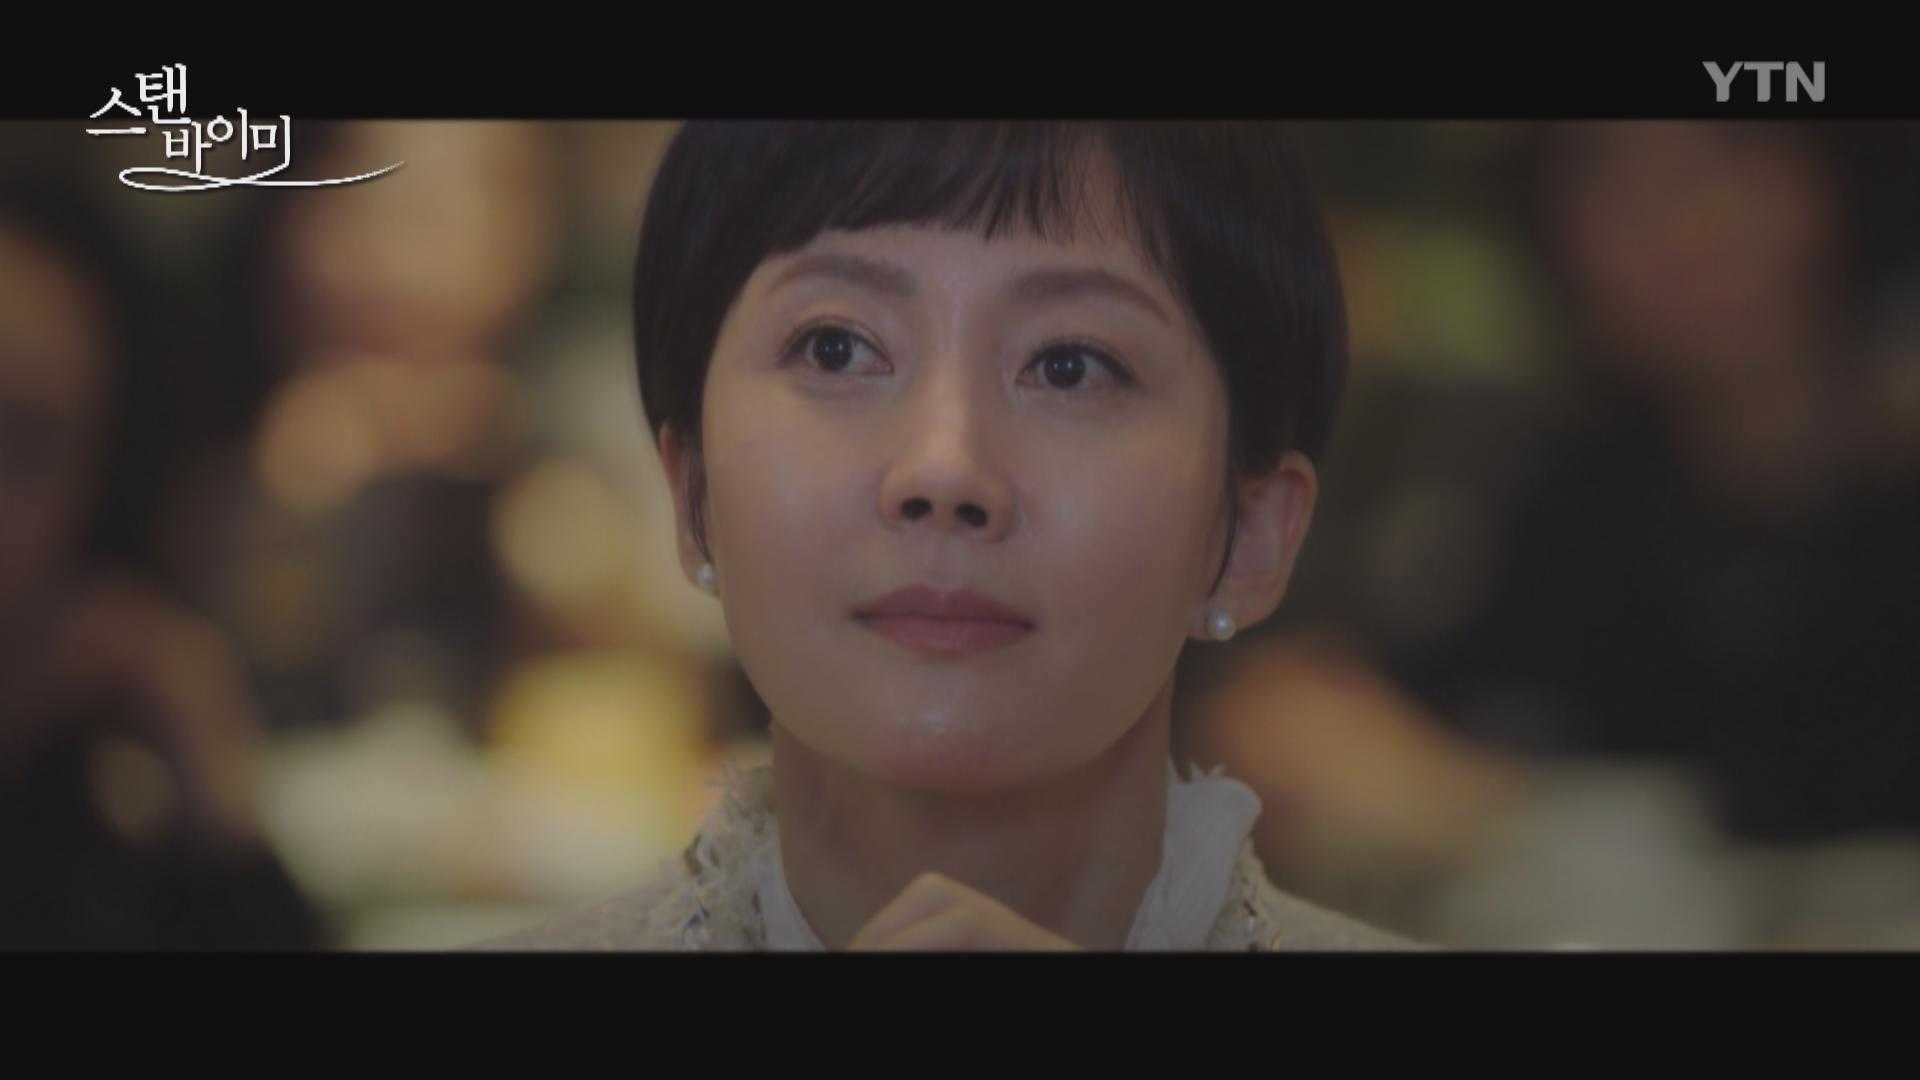 [최영주의 스탠바이미] '현실판 스카이캐슬' 열혈 엄마의 고백